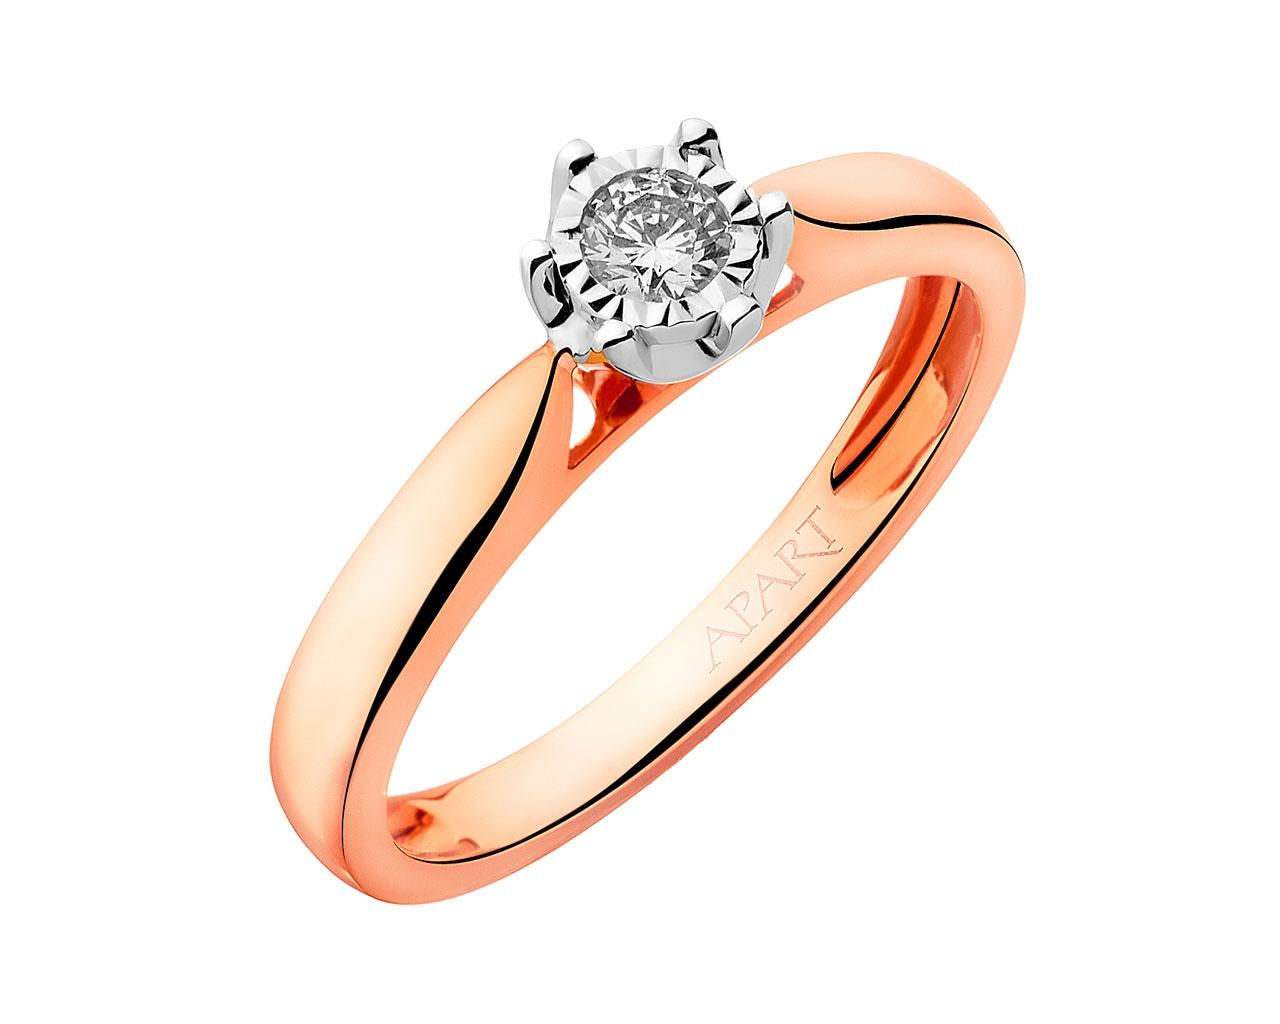 53318b06d9f6fc Pierścionek z różowego i białego złota z brylantem - wzór 109.461 / Apart